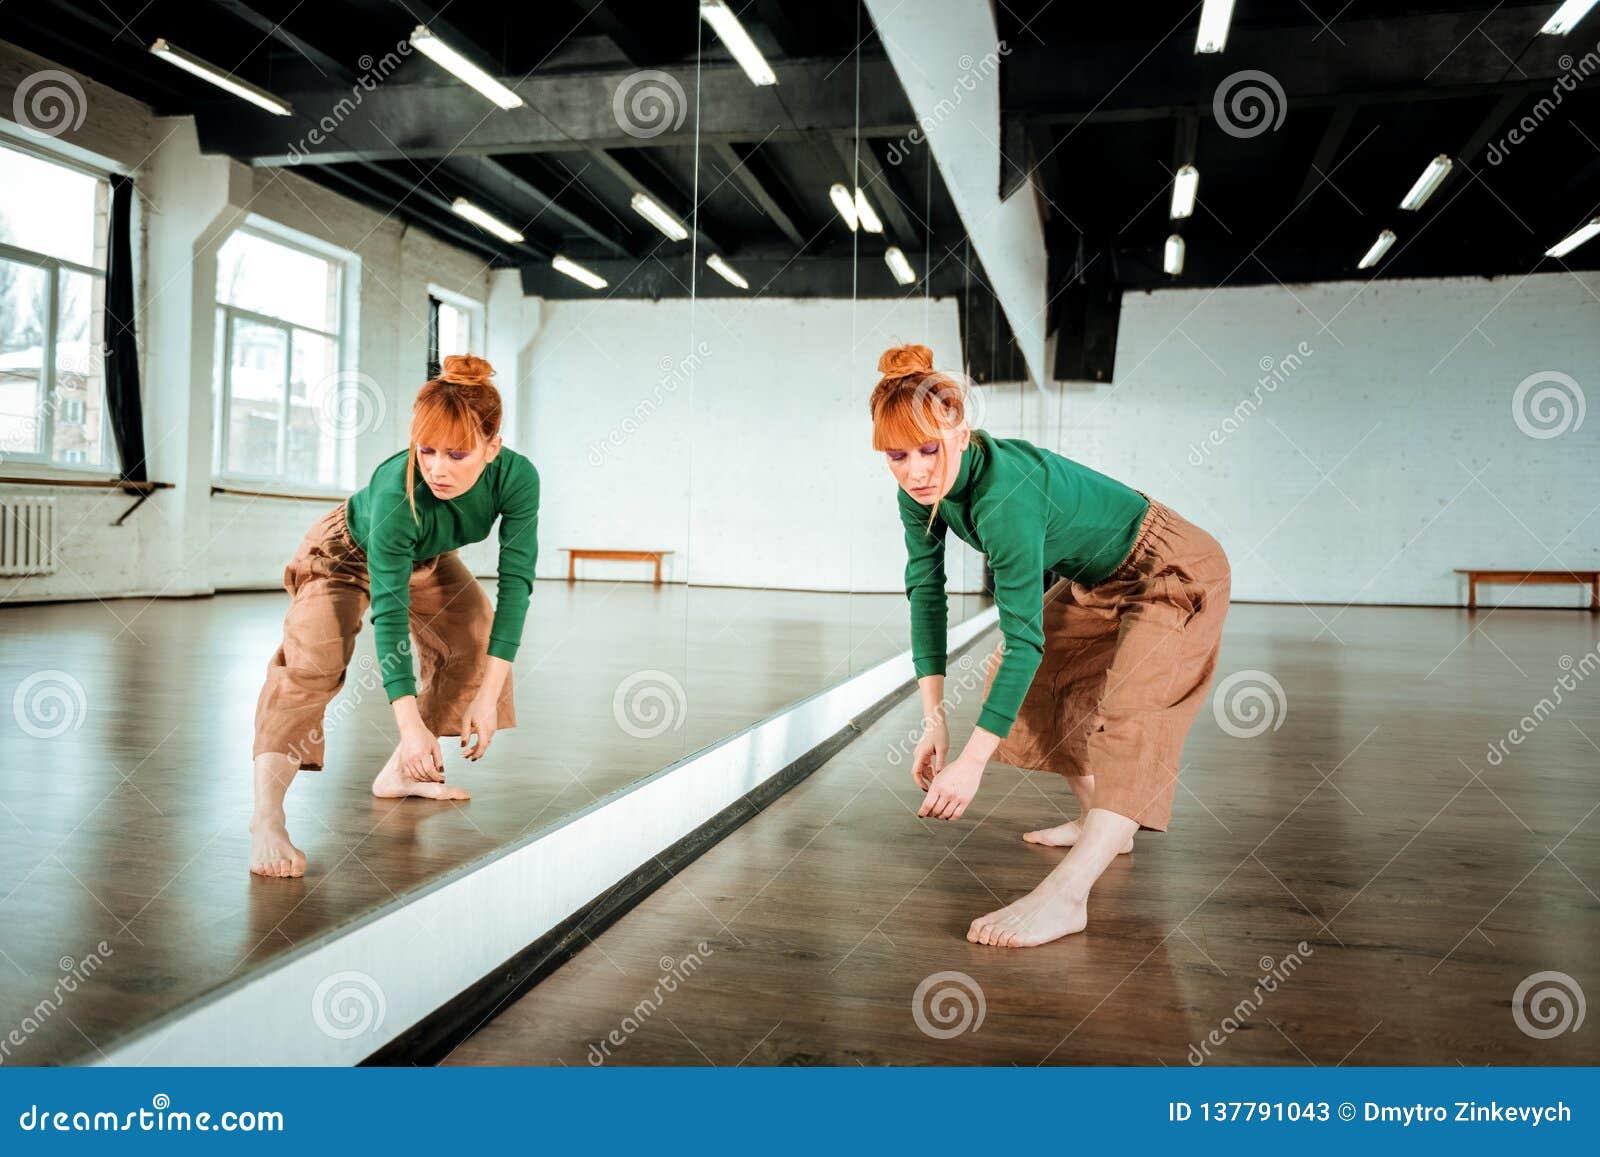 Bailarín profesional pelirrojo bonito en un cuello alto verde que parece concentrado